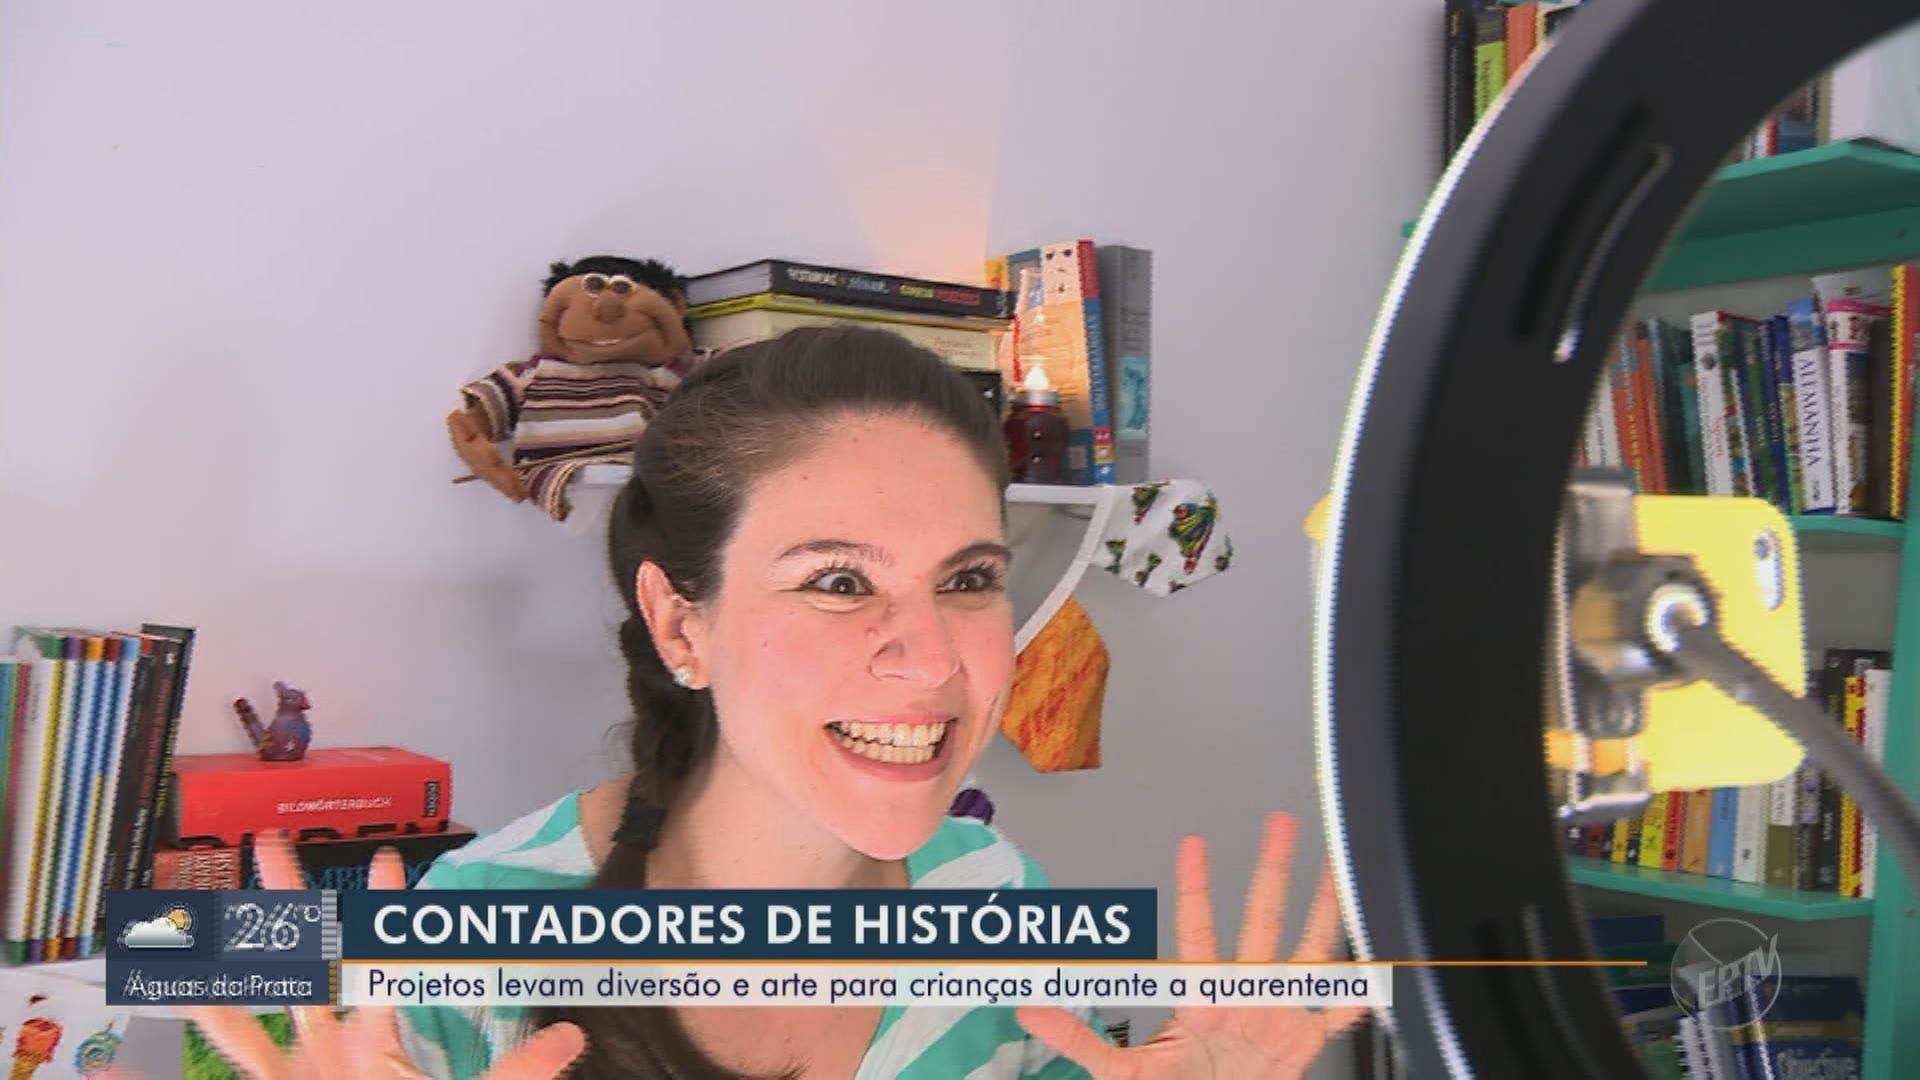 VÍDEOS: Reveja as reportagens do EPTV1 deste sábado, 2 de maio